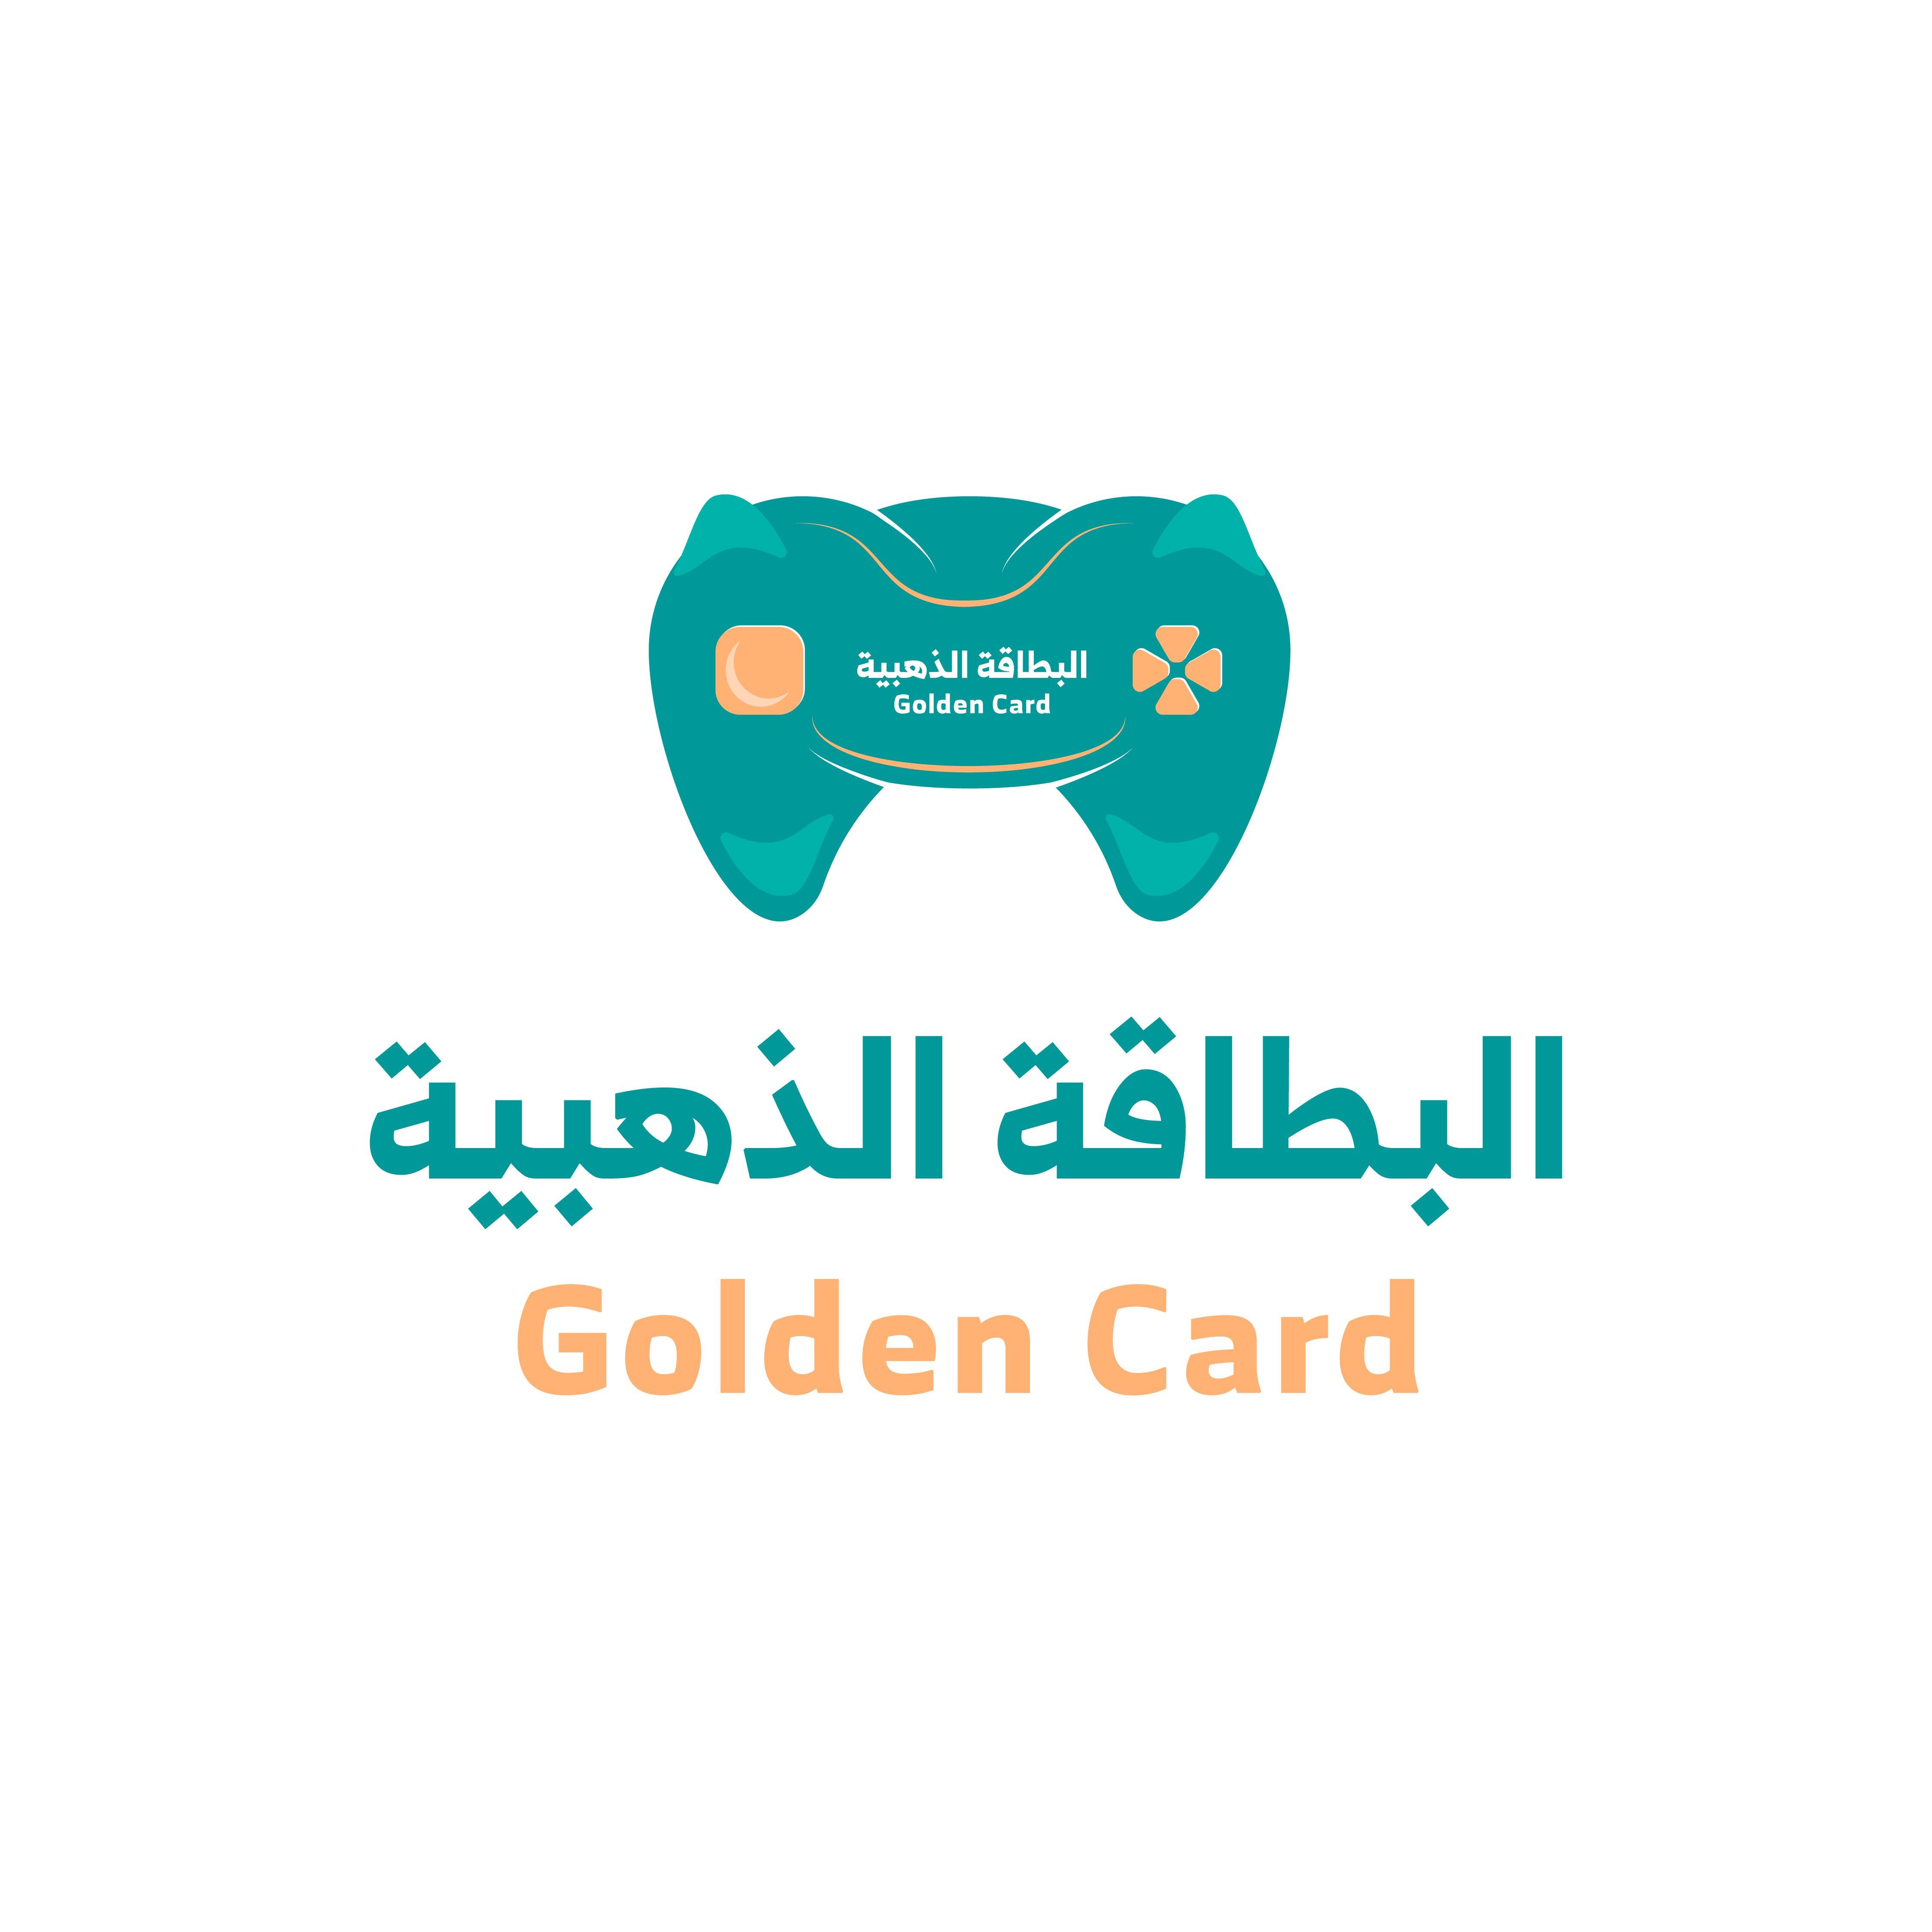 البطاقة الذهبية | Golden Card